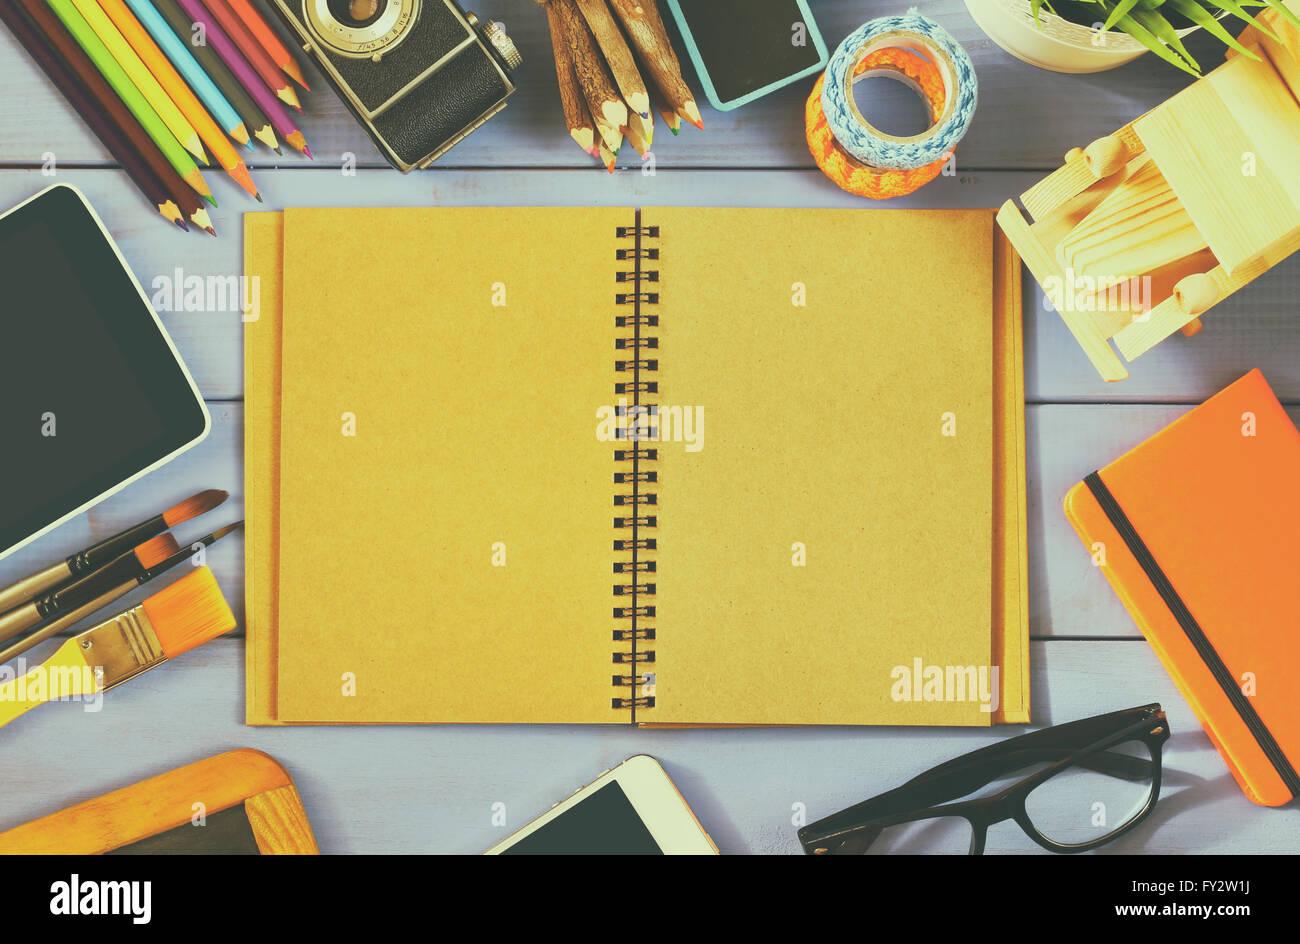 Ansicht von oben Foto von leeren Notizbuch, alte Kamera und Schulmaterial auf Holztisch. Jahrgang gefiltert Stockbild